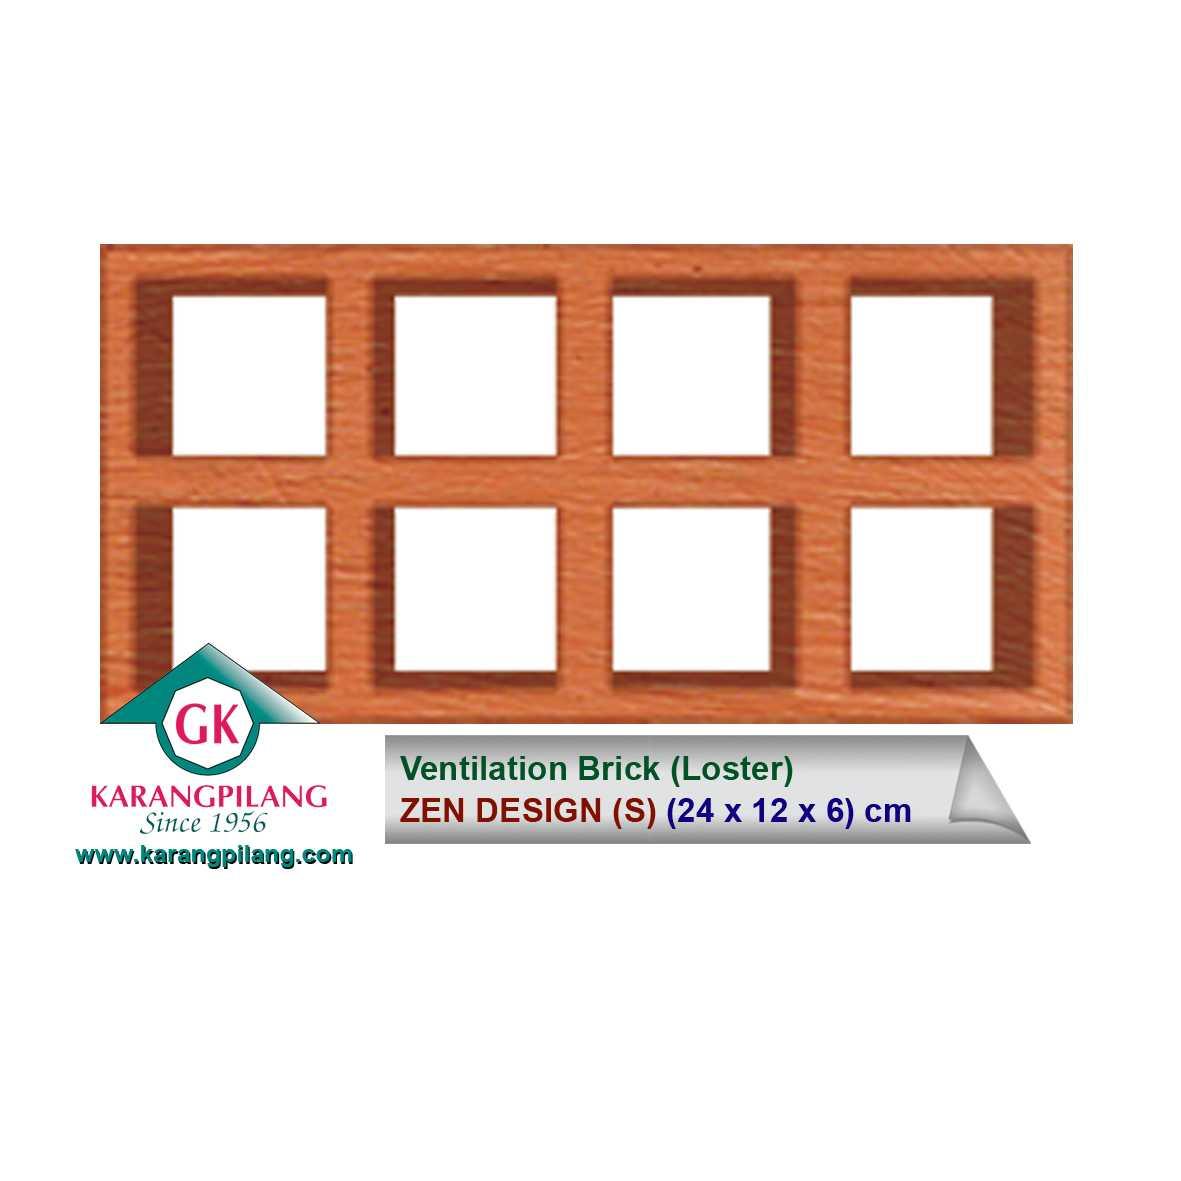 Variasi Zen Design (L)  FinishesPartitionsRoom Dividers 1